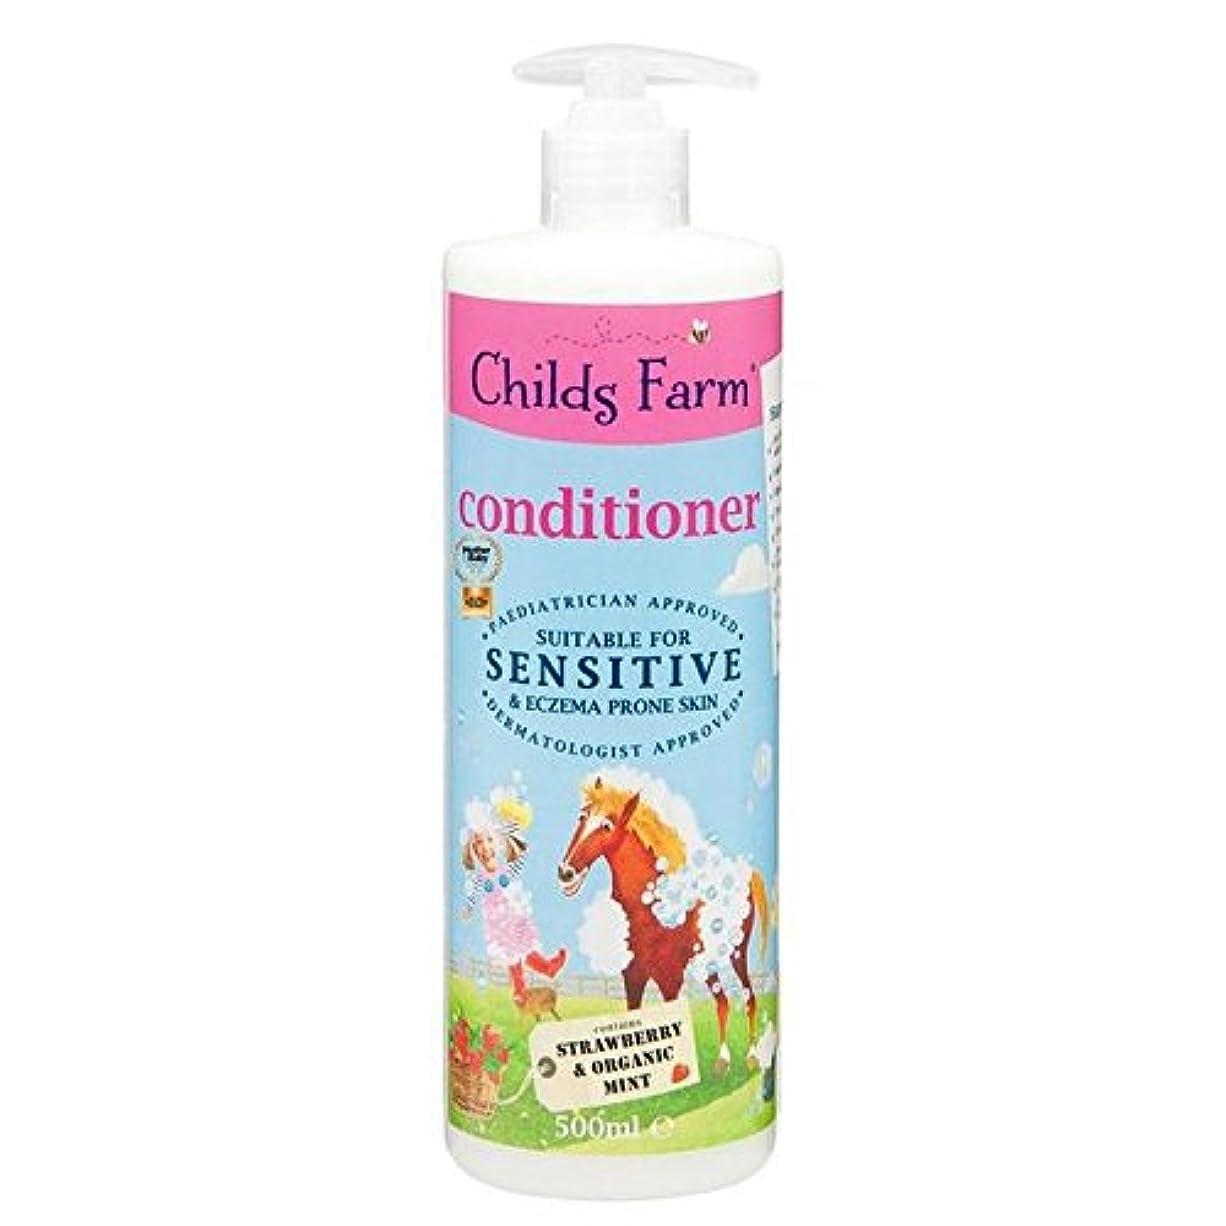 非行田舎者さておきChilds Farm Conditioner for Unruly Hair 500ml - 手に負えない髪の500ミリリットルのためのチャイルズファームコンディショナー [並行輸入品]